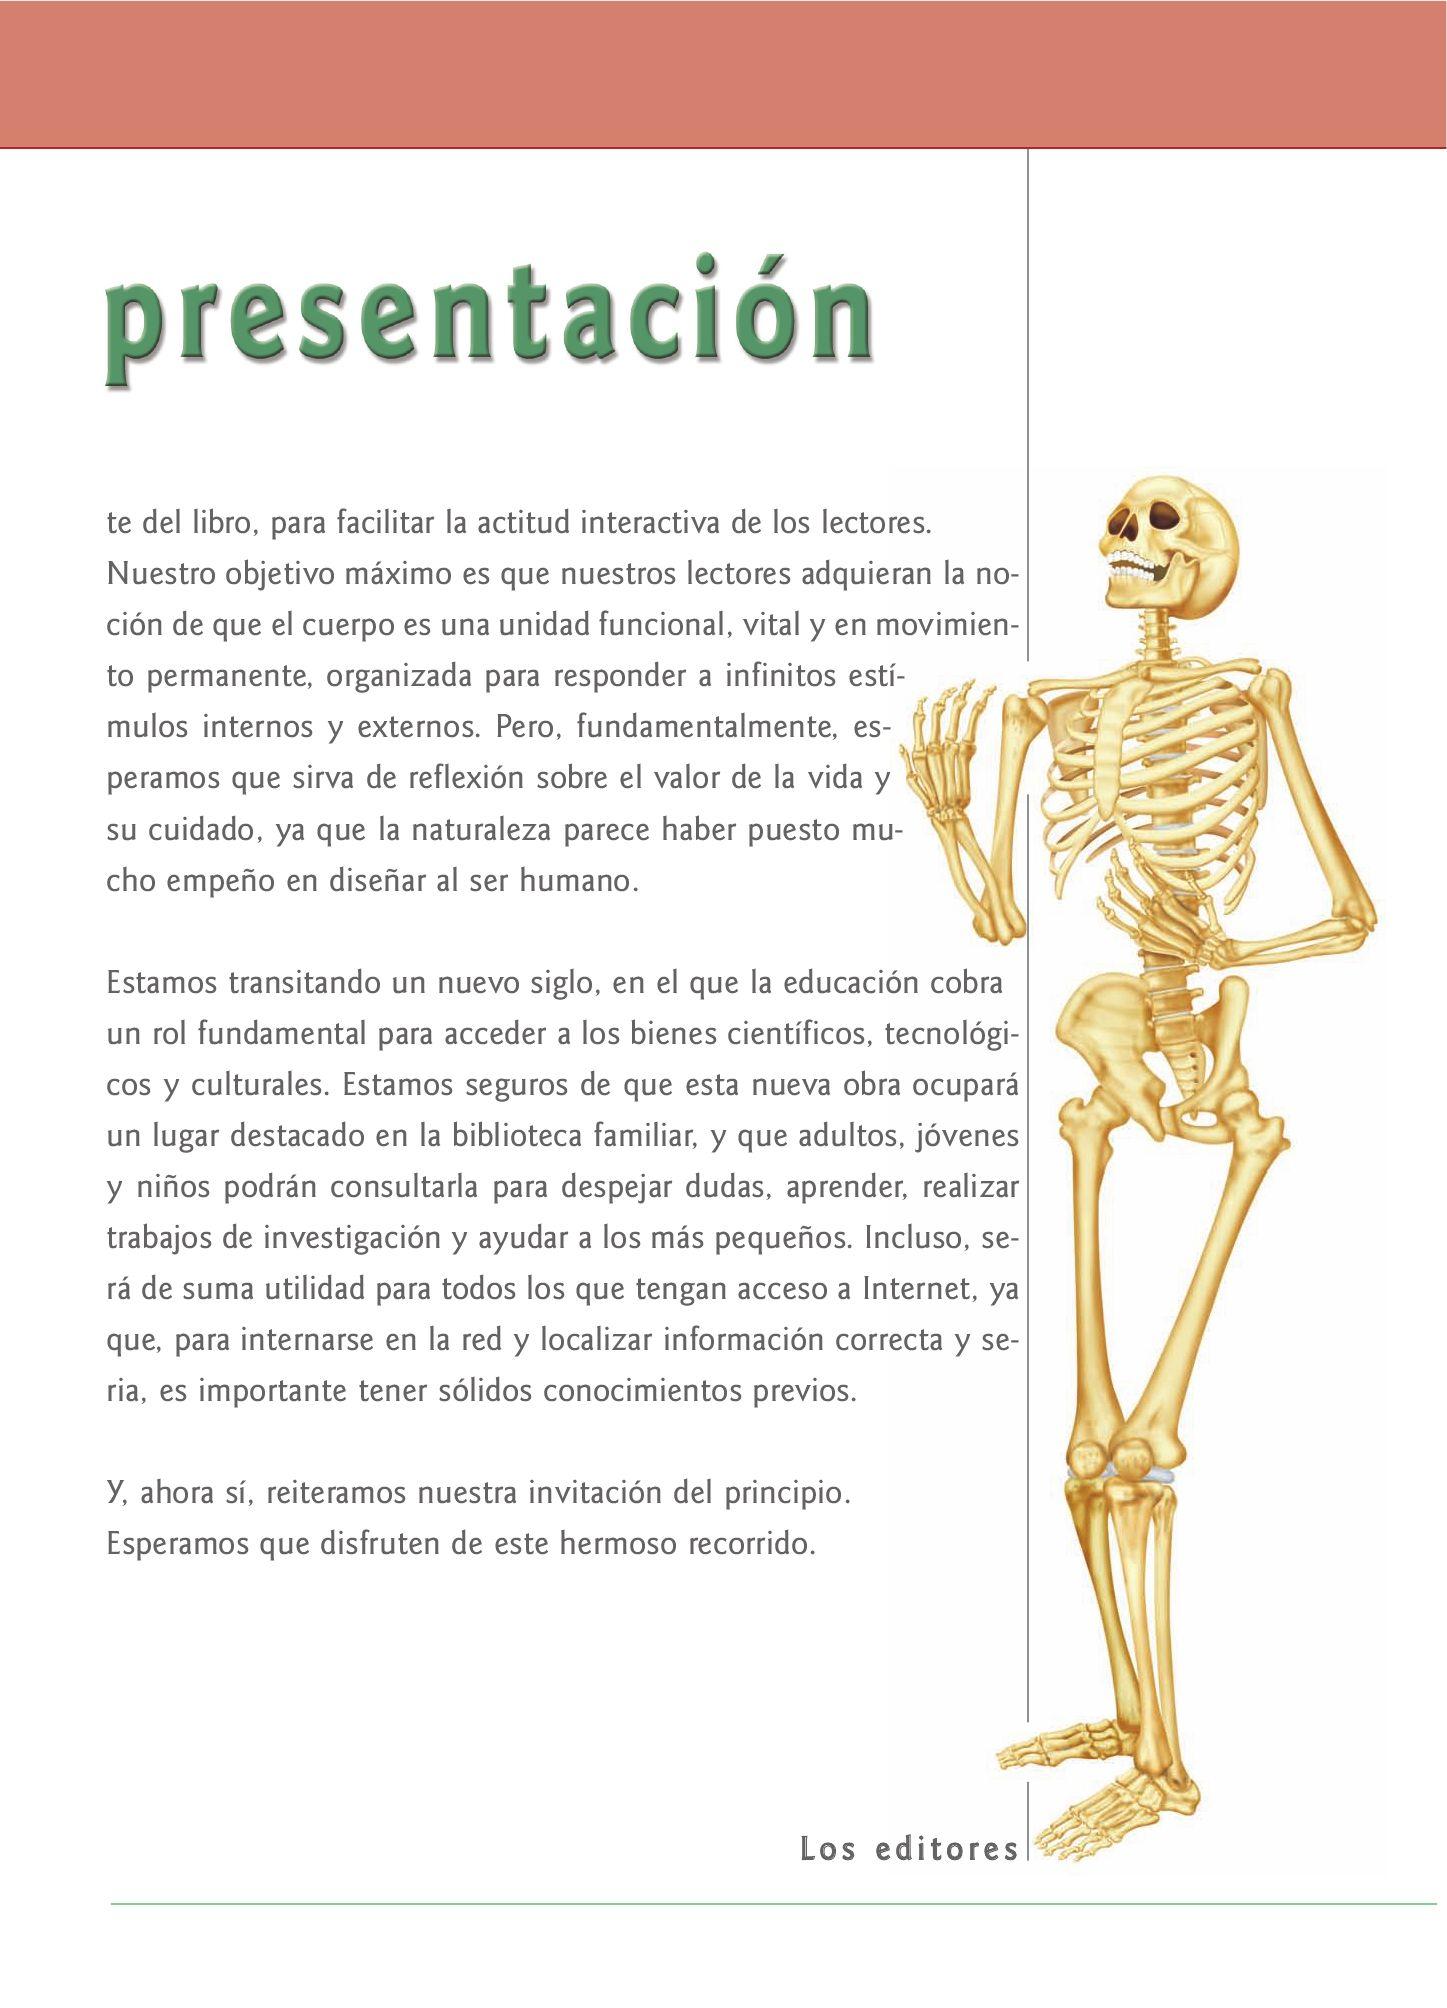 Único Anatomía Y Fisiología Interactivo Ornamento - Imágenes de ...